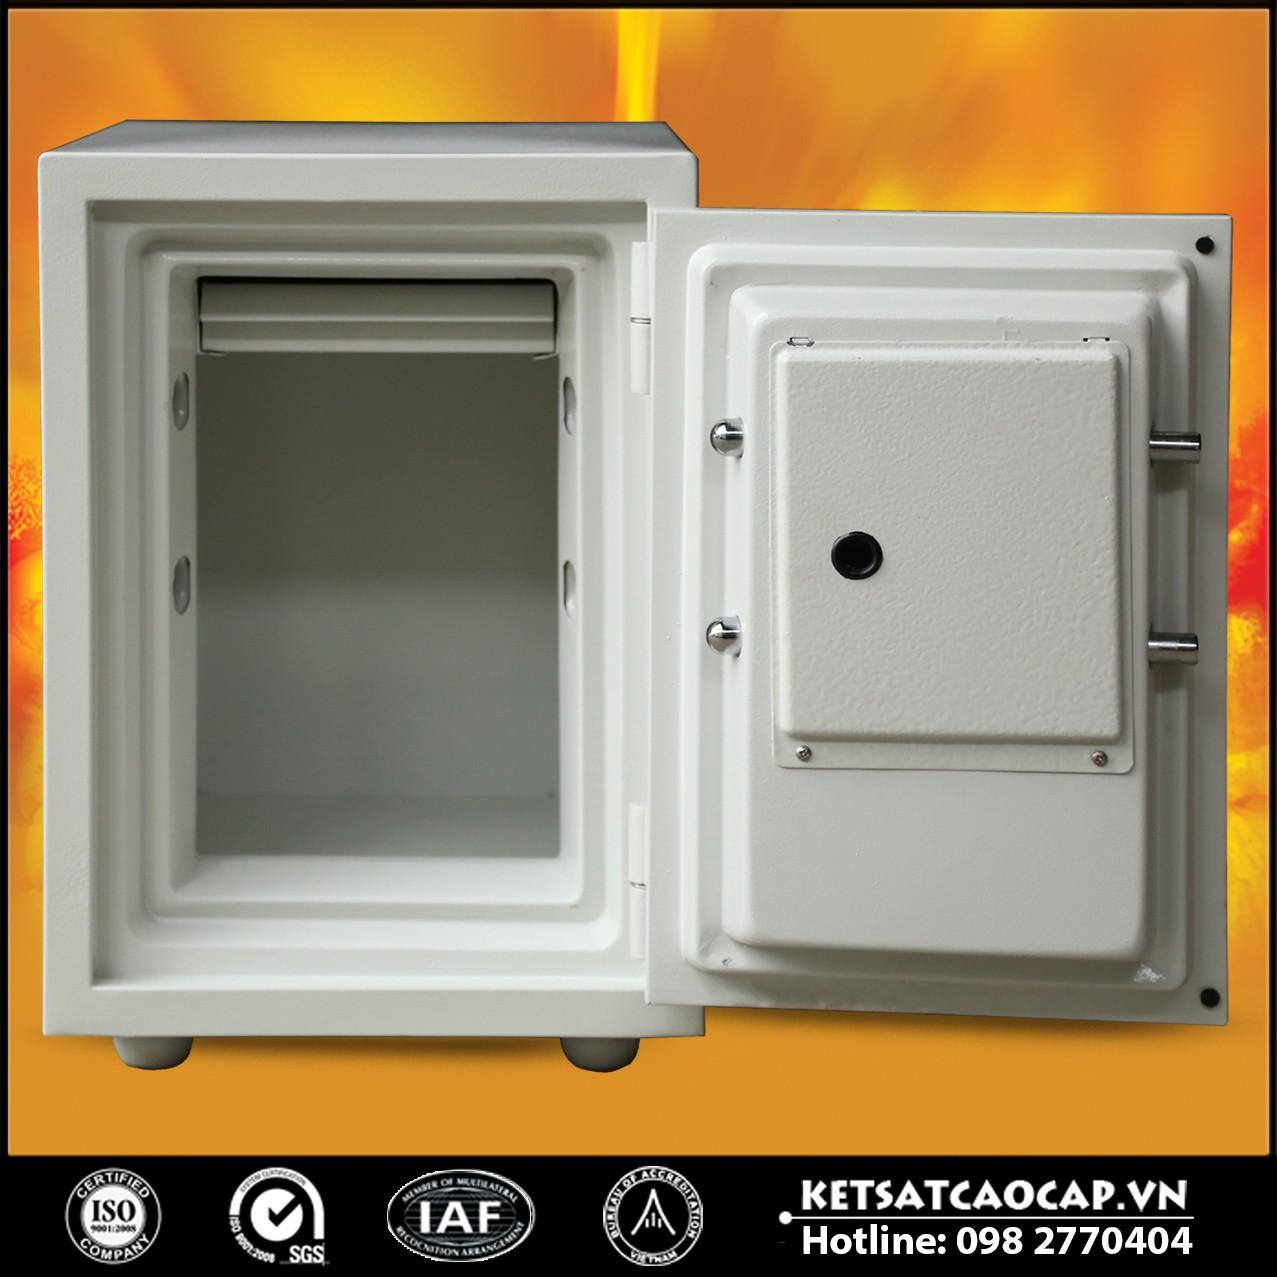 Két Sắt Vân Tay KS80D - White FE